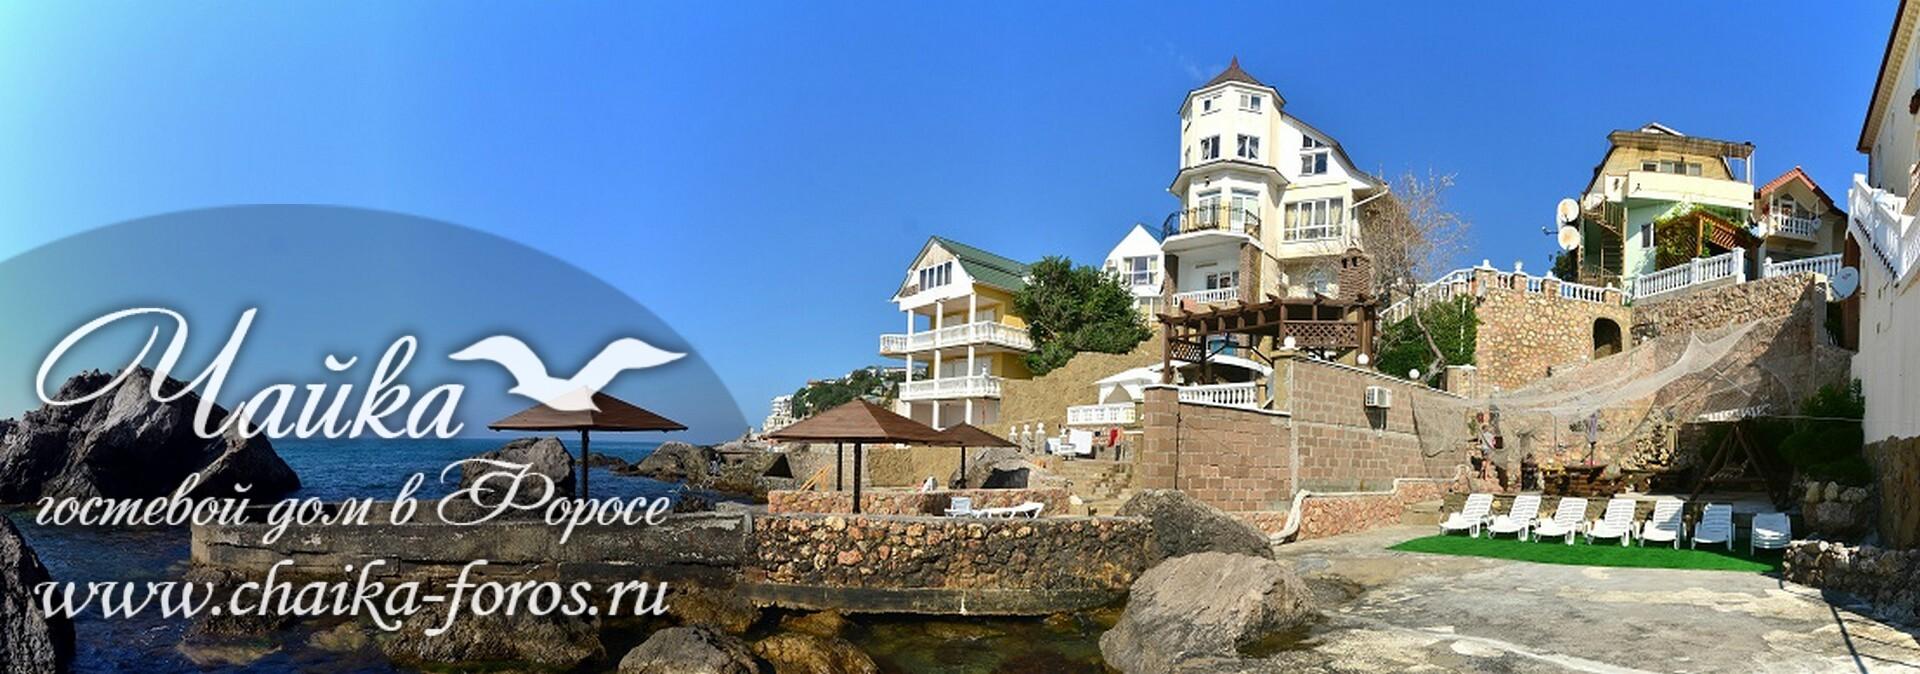 Гостевой дом Чайка возле моря, отдых у моря в Форосе Крым